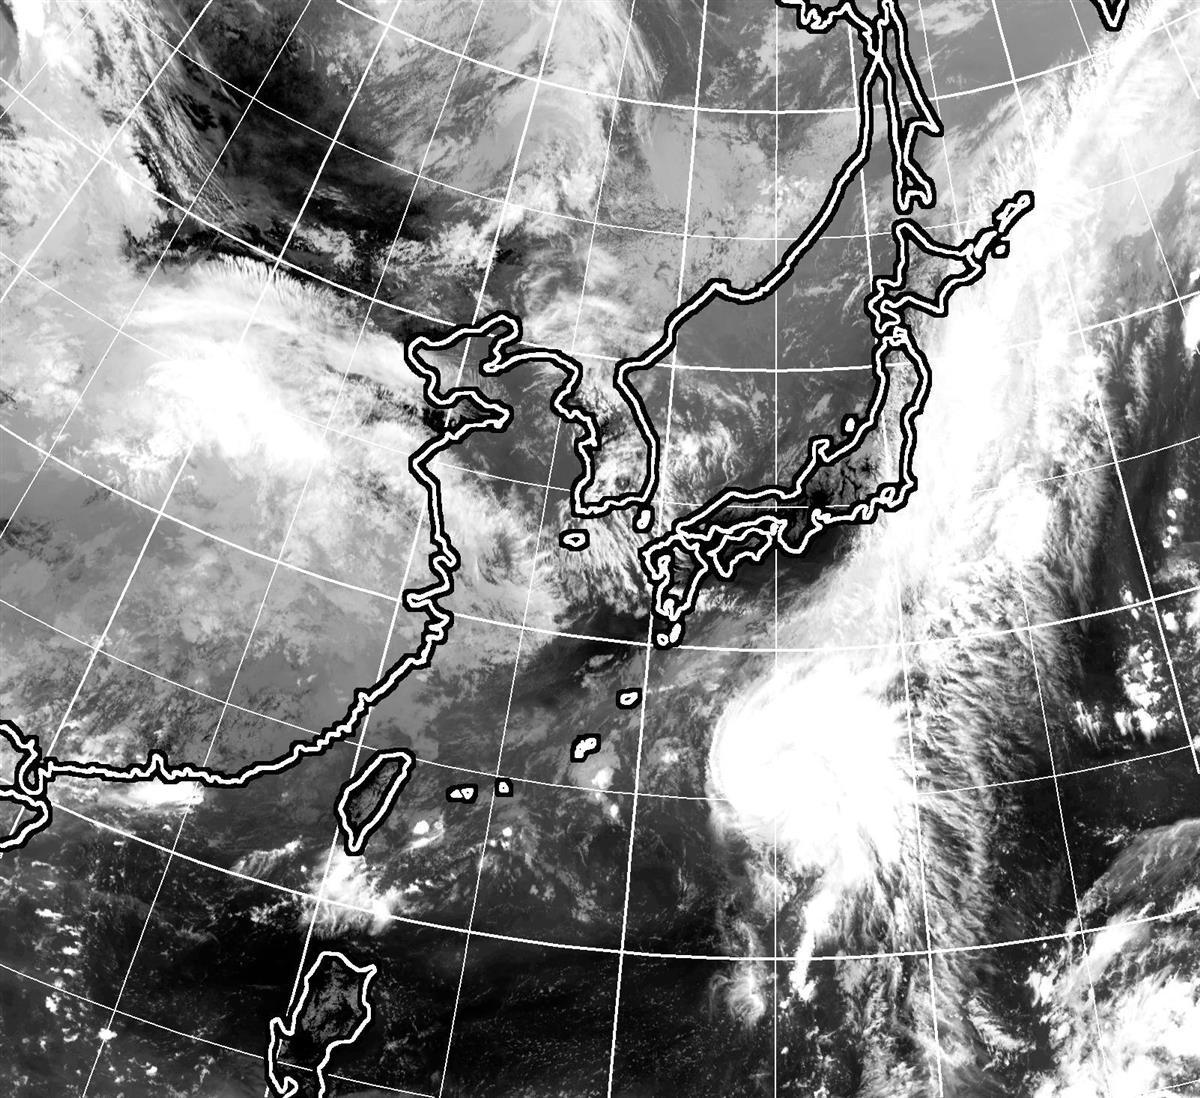 台風12号が発生 前線押し上げ大雨の恐れ